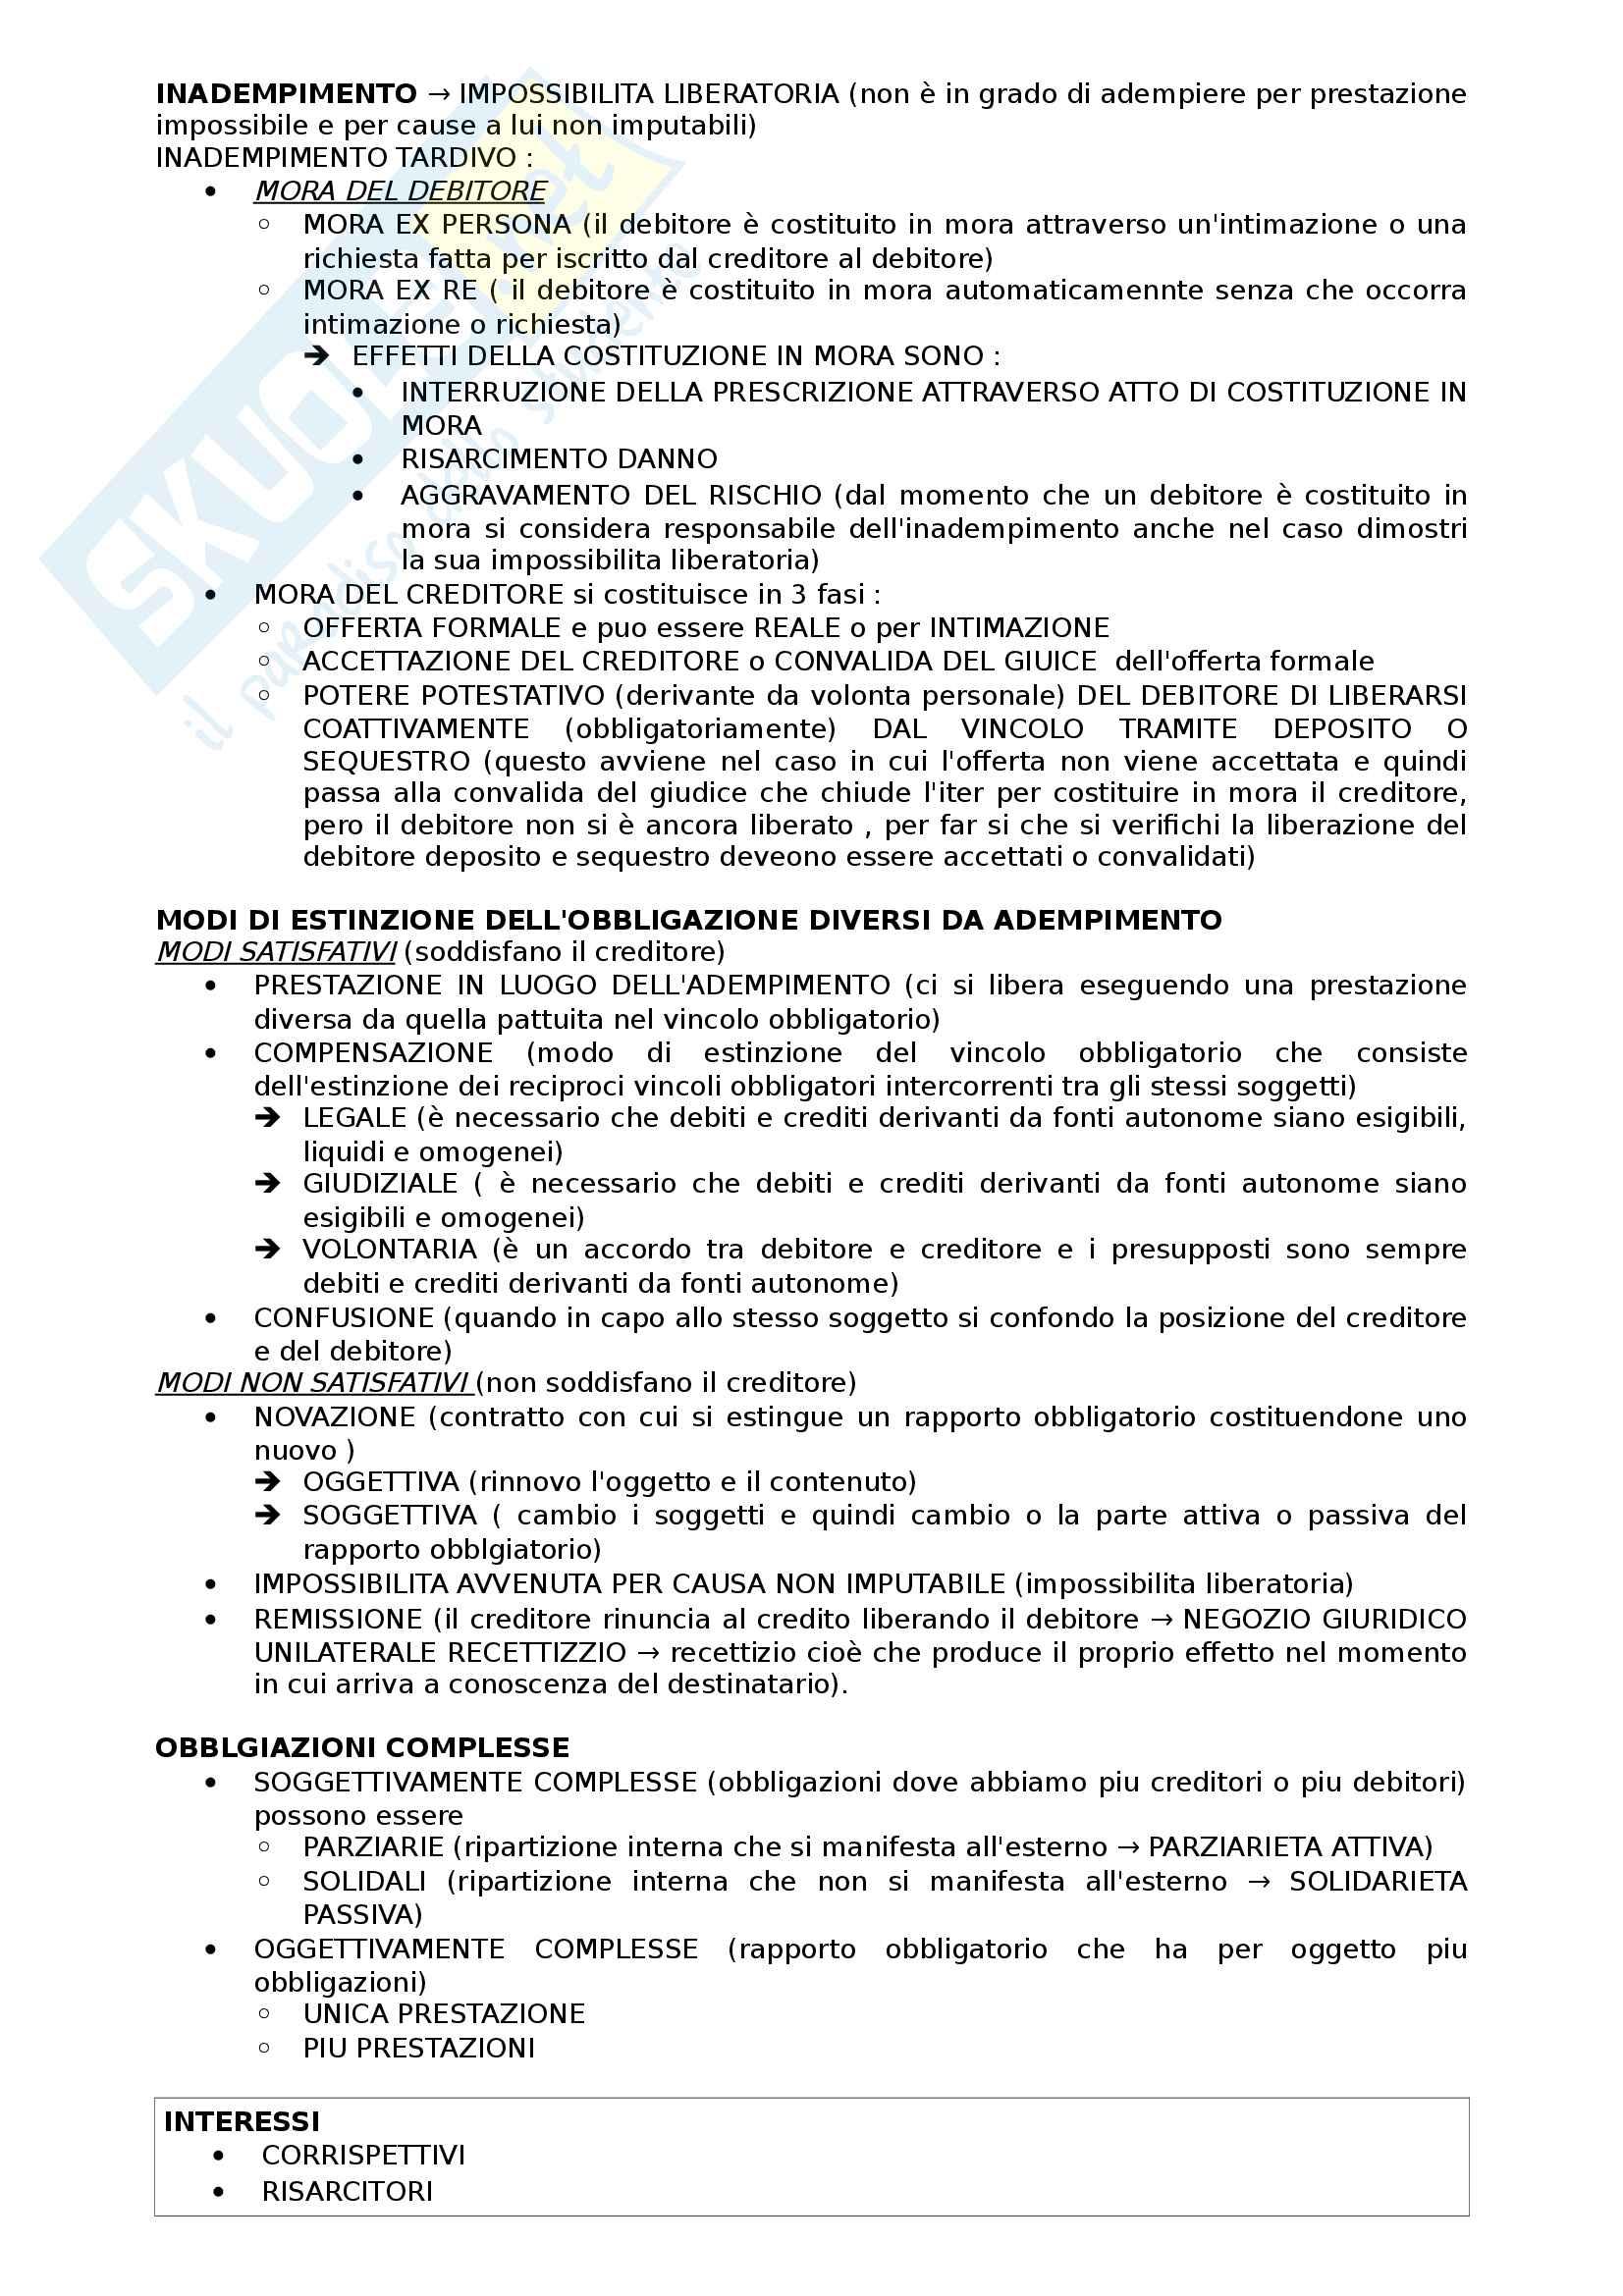 Schema riassuntivo Diritto privato(prof Finessi) Pag. 2